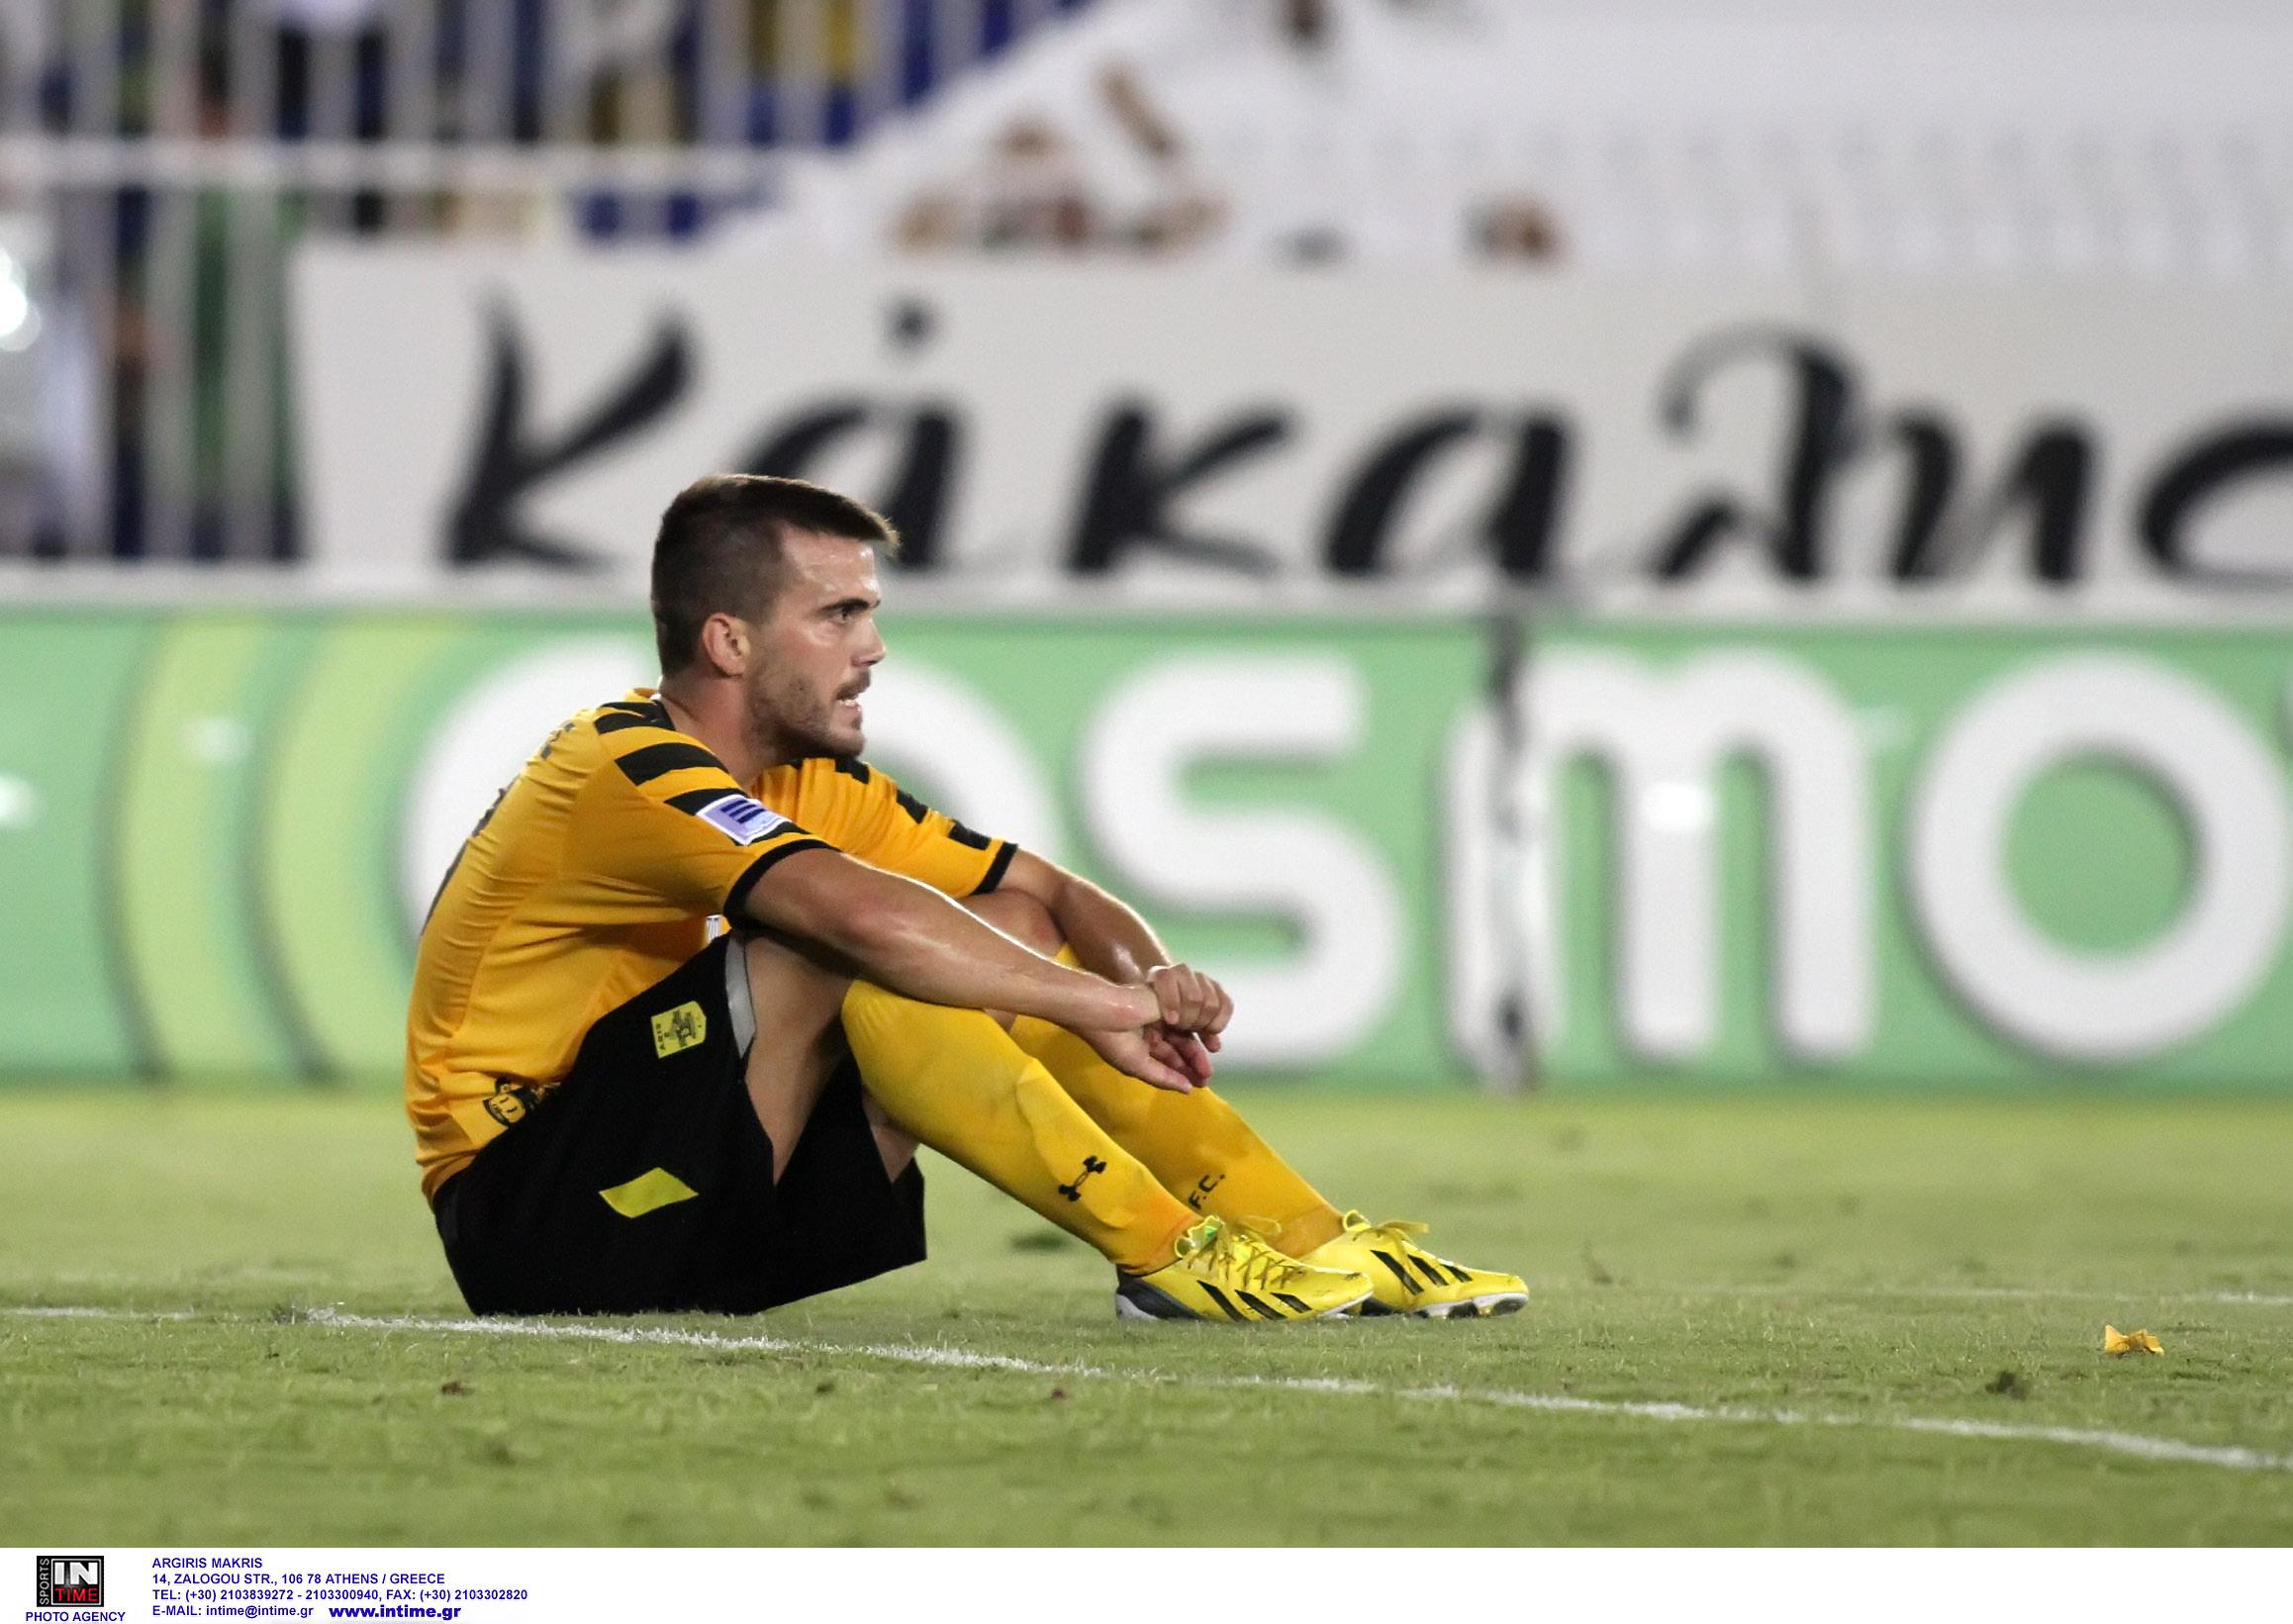 Νίκος Τσουμάνης: Το βίντεο της ΠΑΕ Άρης για τον άτυχο ποδοσφαιριστή